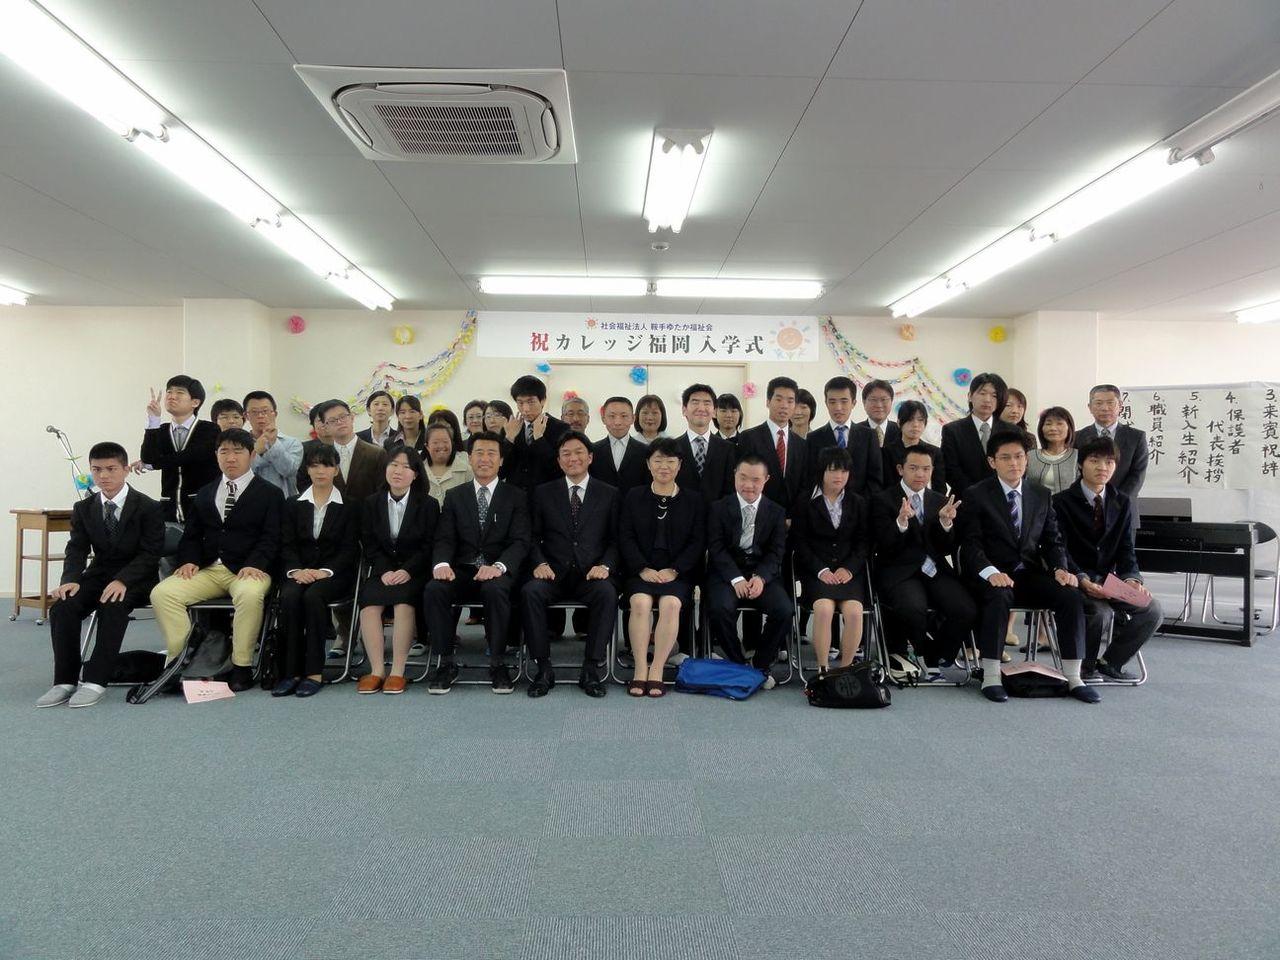 カレッジ福岡入学式